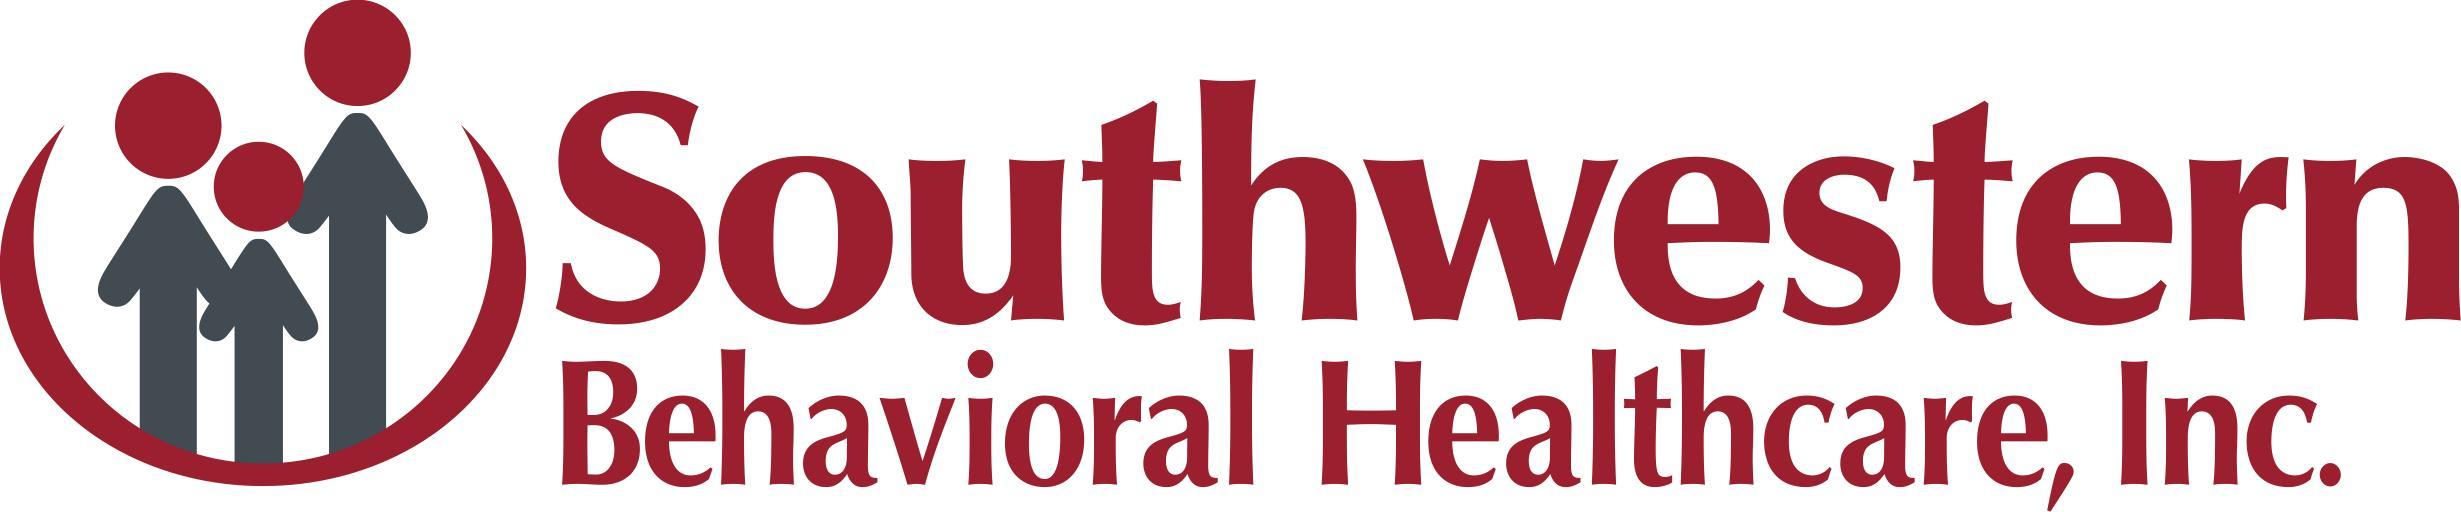 southwesternbehavioral_2c